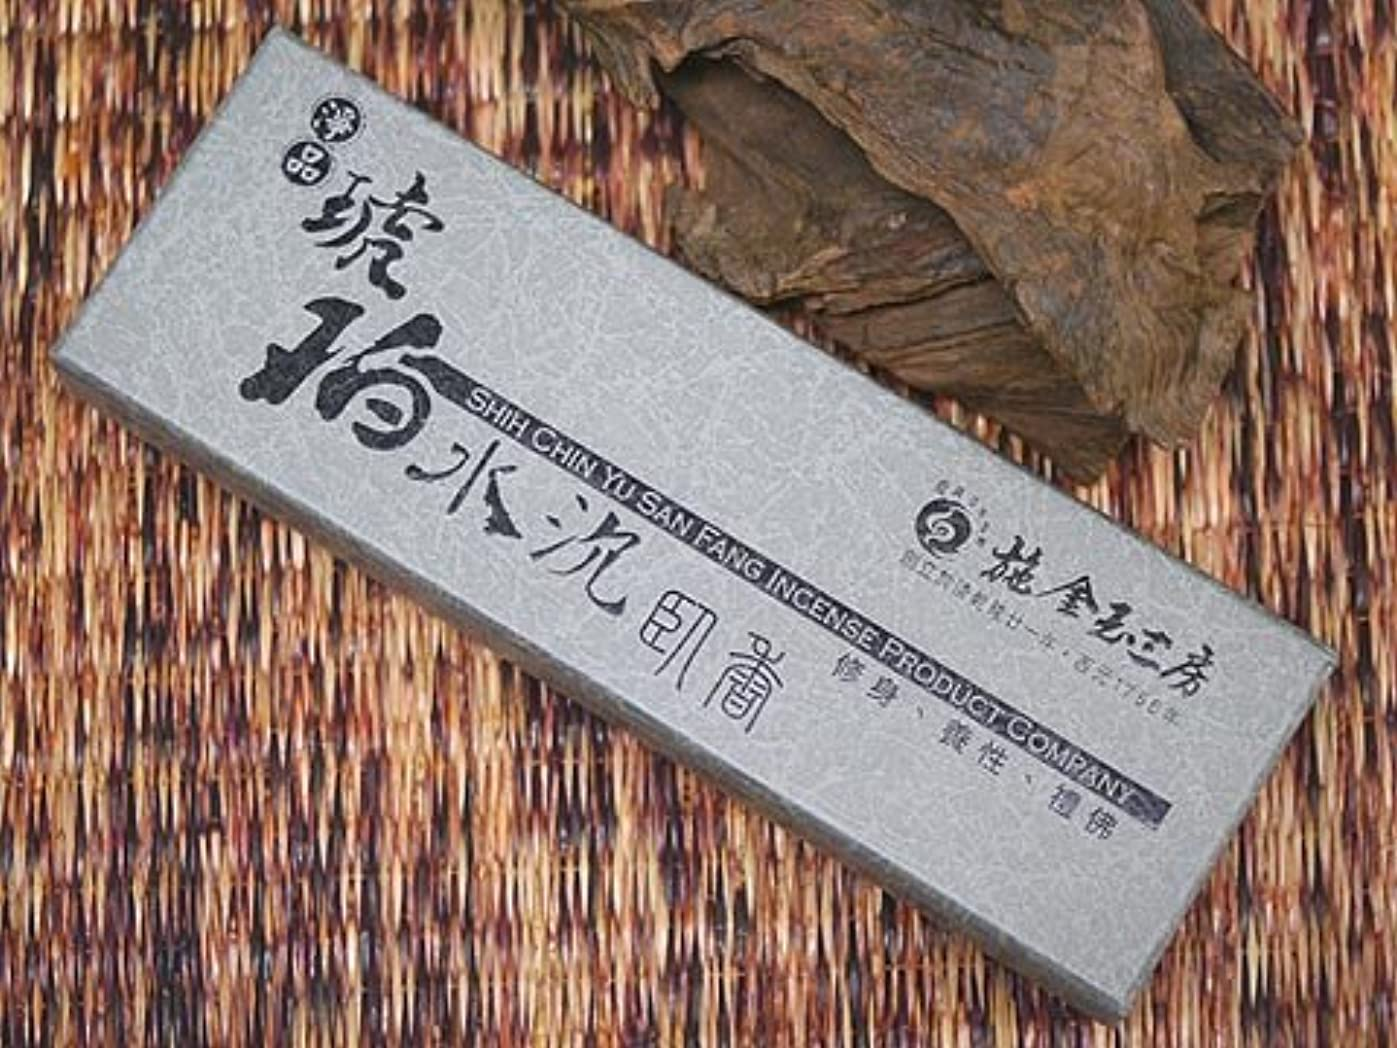 談話マリナー死傷者施金玉三房 創業1756年台湾鹿港のお香店「施金玉三房」のお香 琥珀水沈香 大容量約320本入りおタイプ